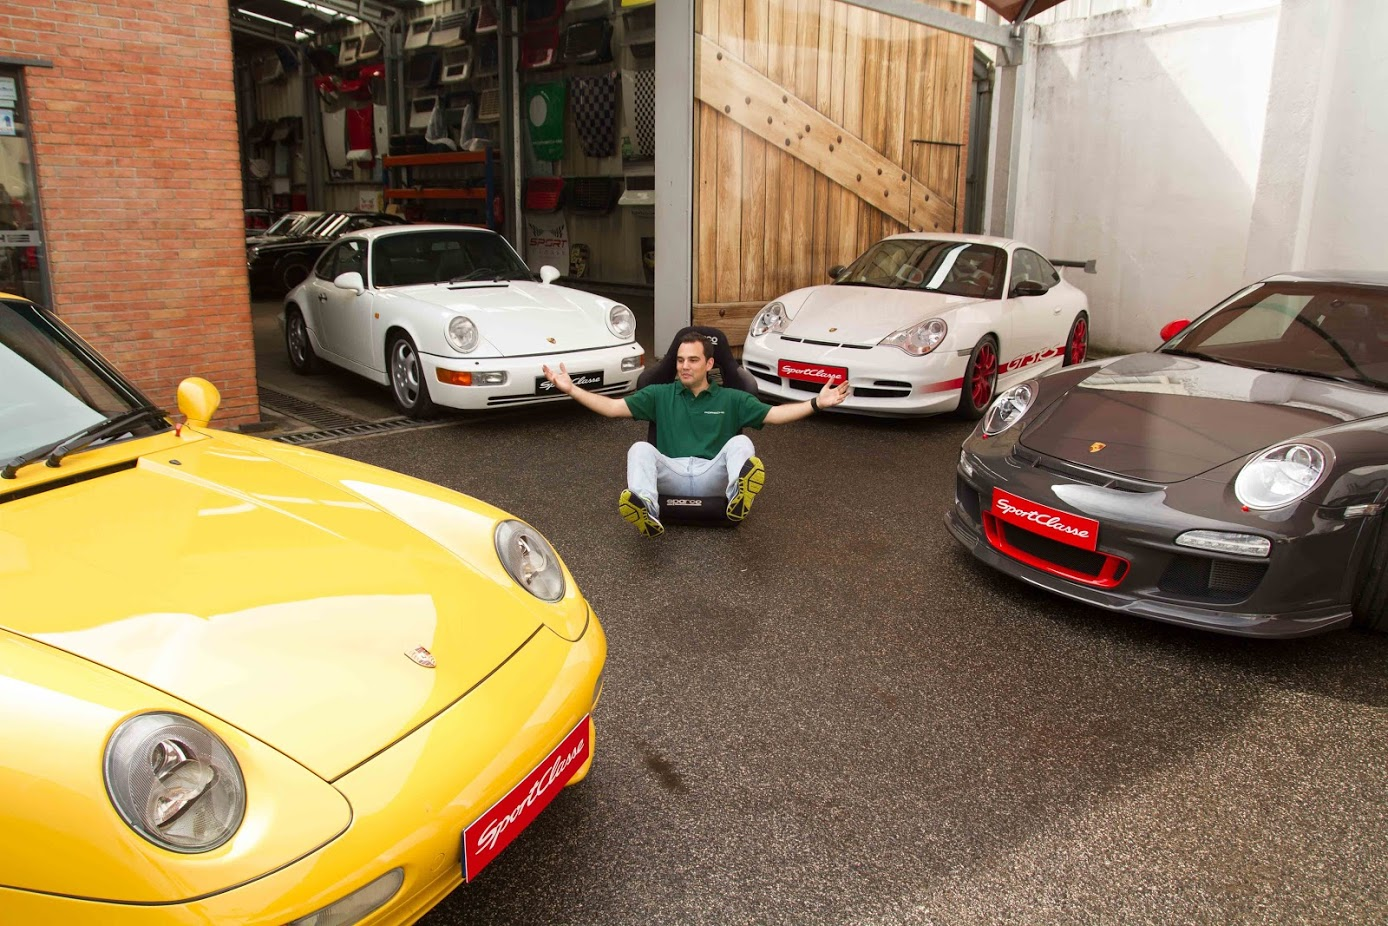 rennsport, guilherme costa no meio dos 911 RS